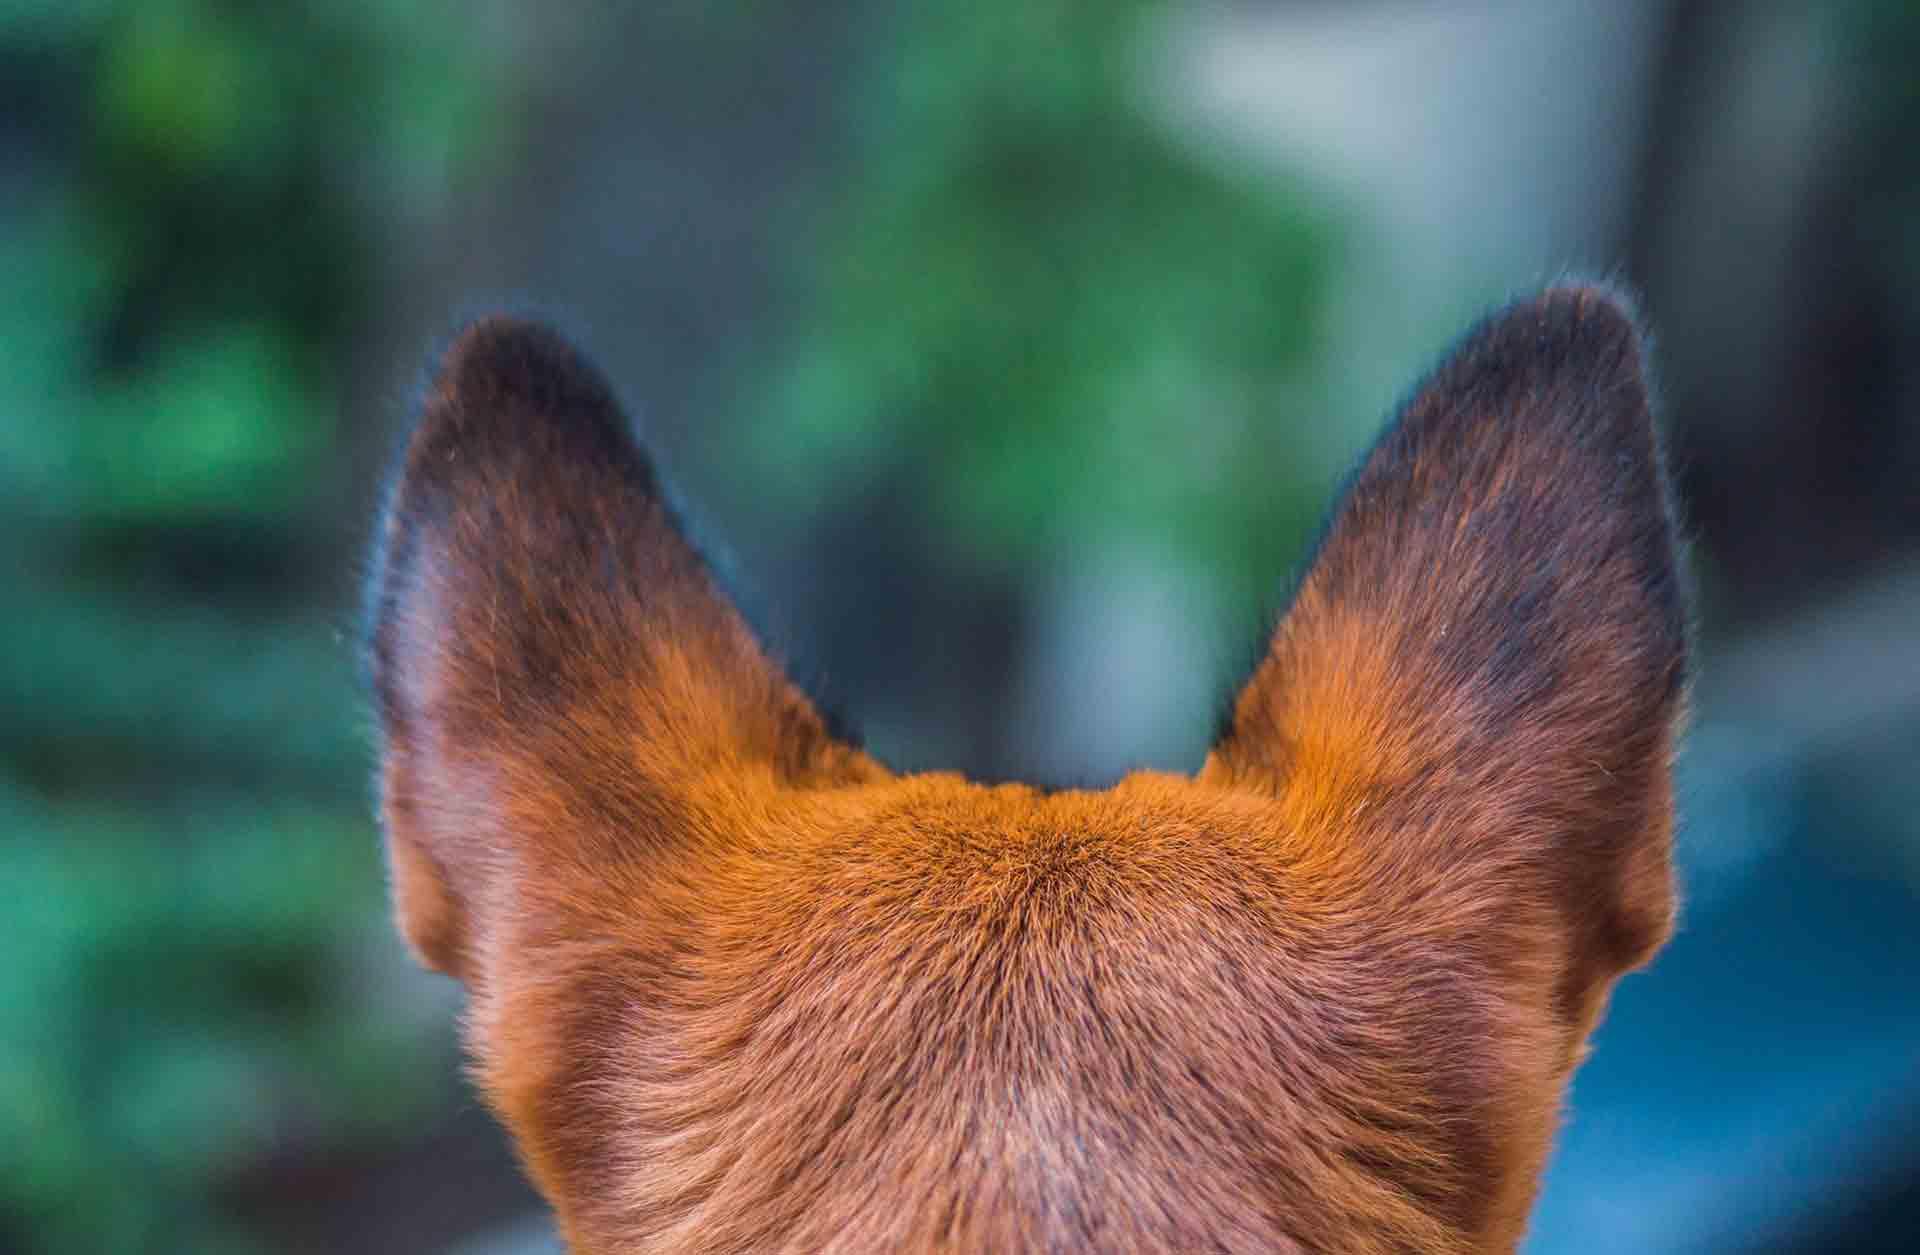 ¿Cómo limpiar las orejas de nuestros perros? - Veterinarium